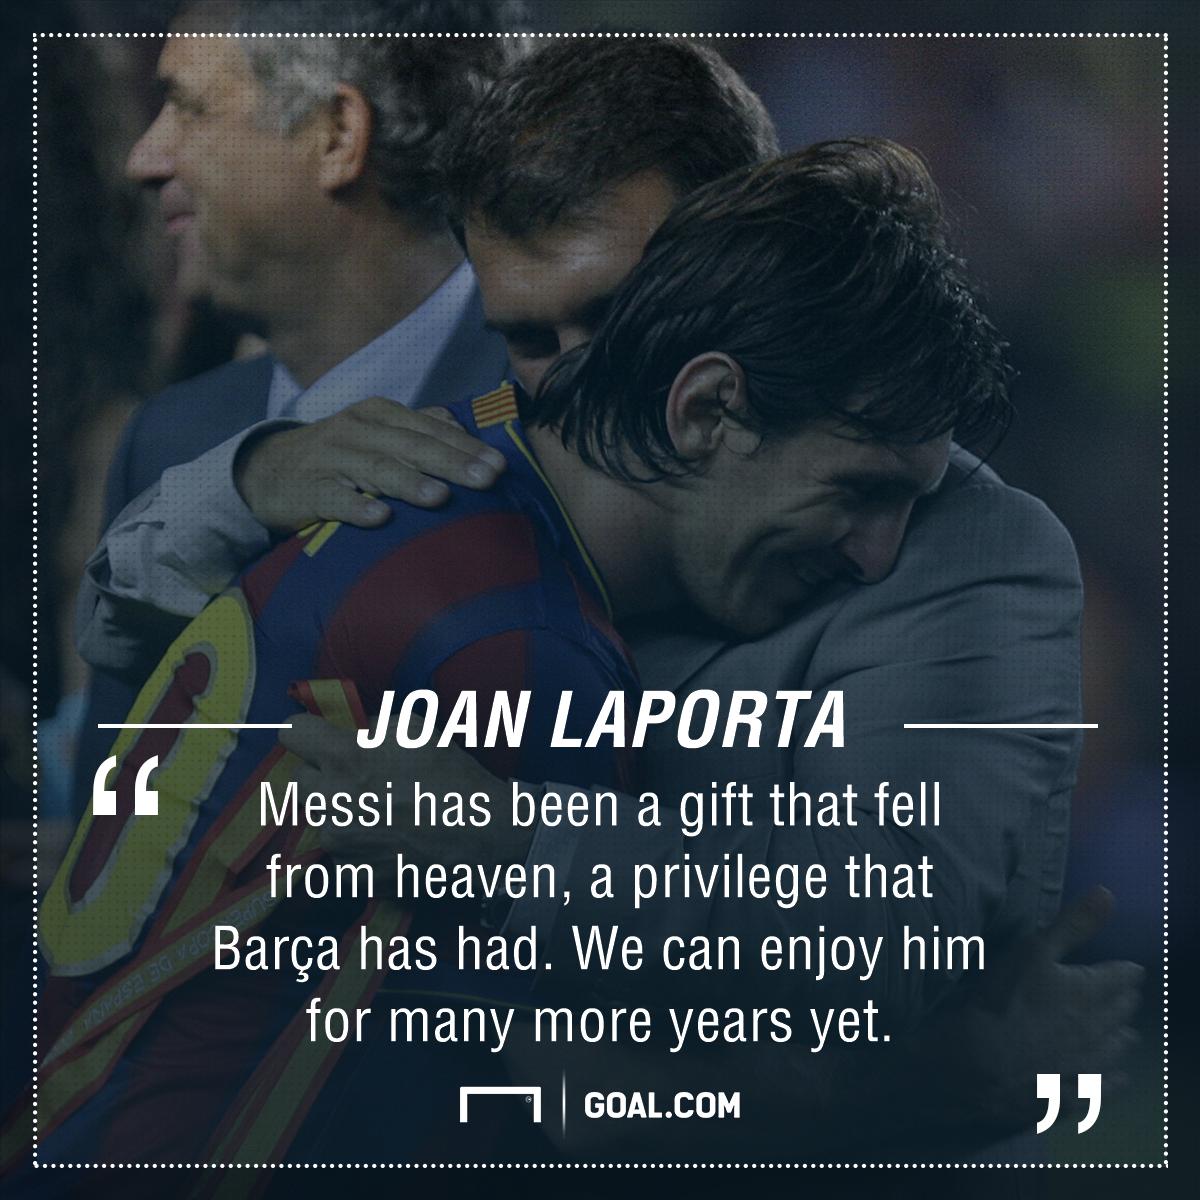 Laporta Messi quote